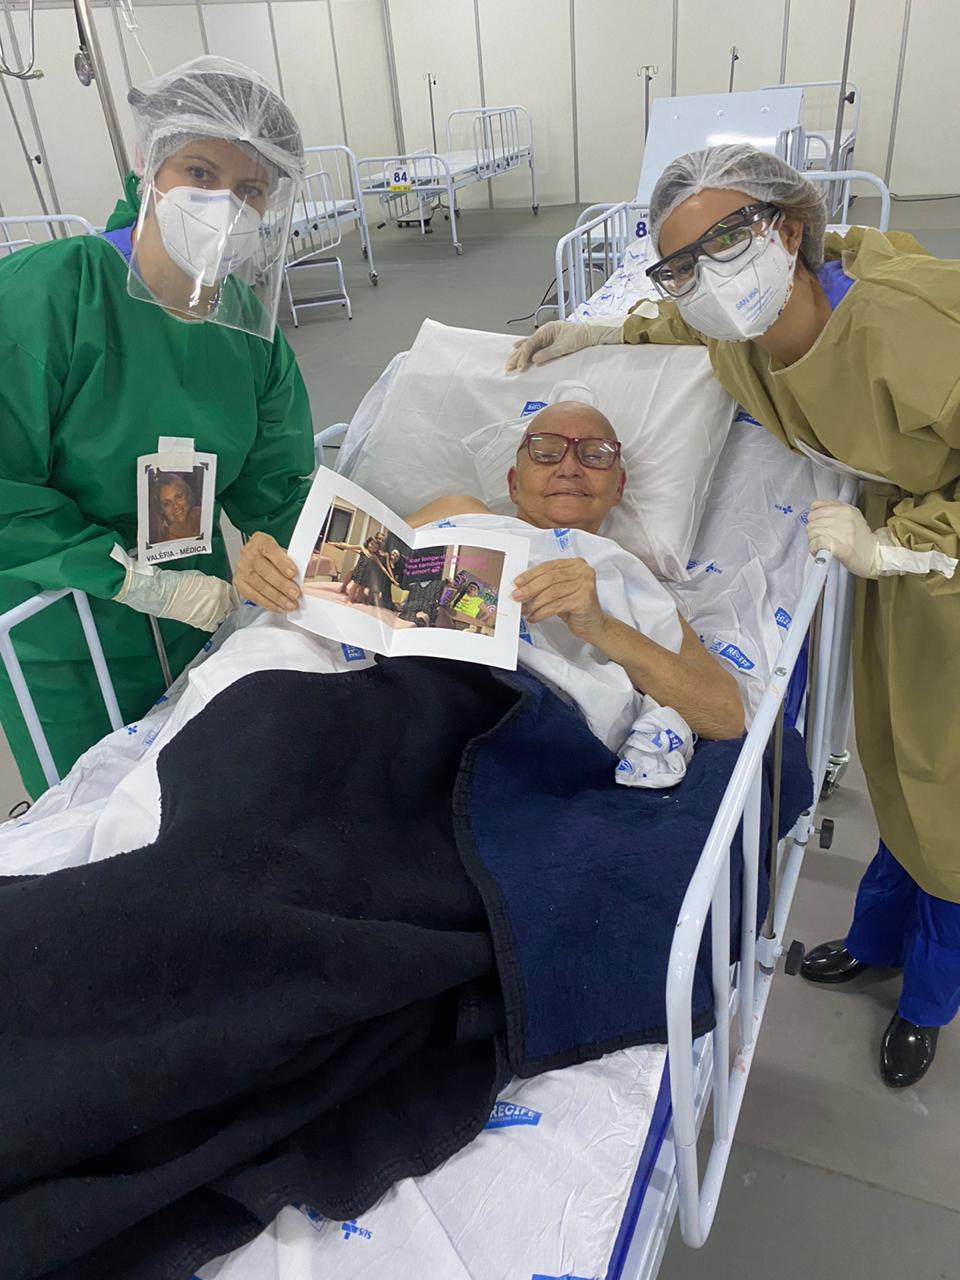 Médicas com crachás humanizados em hospital de campanha do Recife